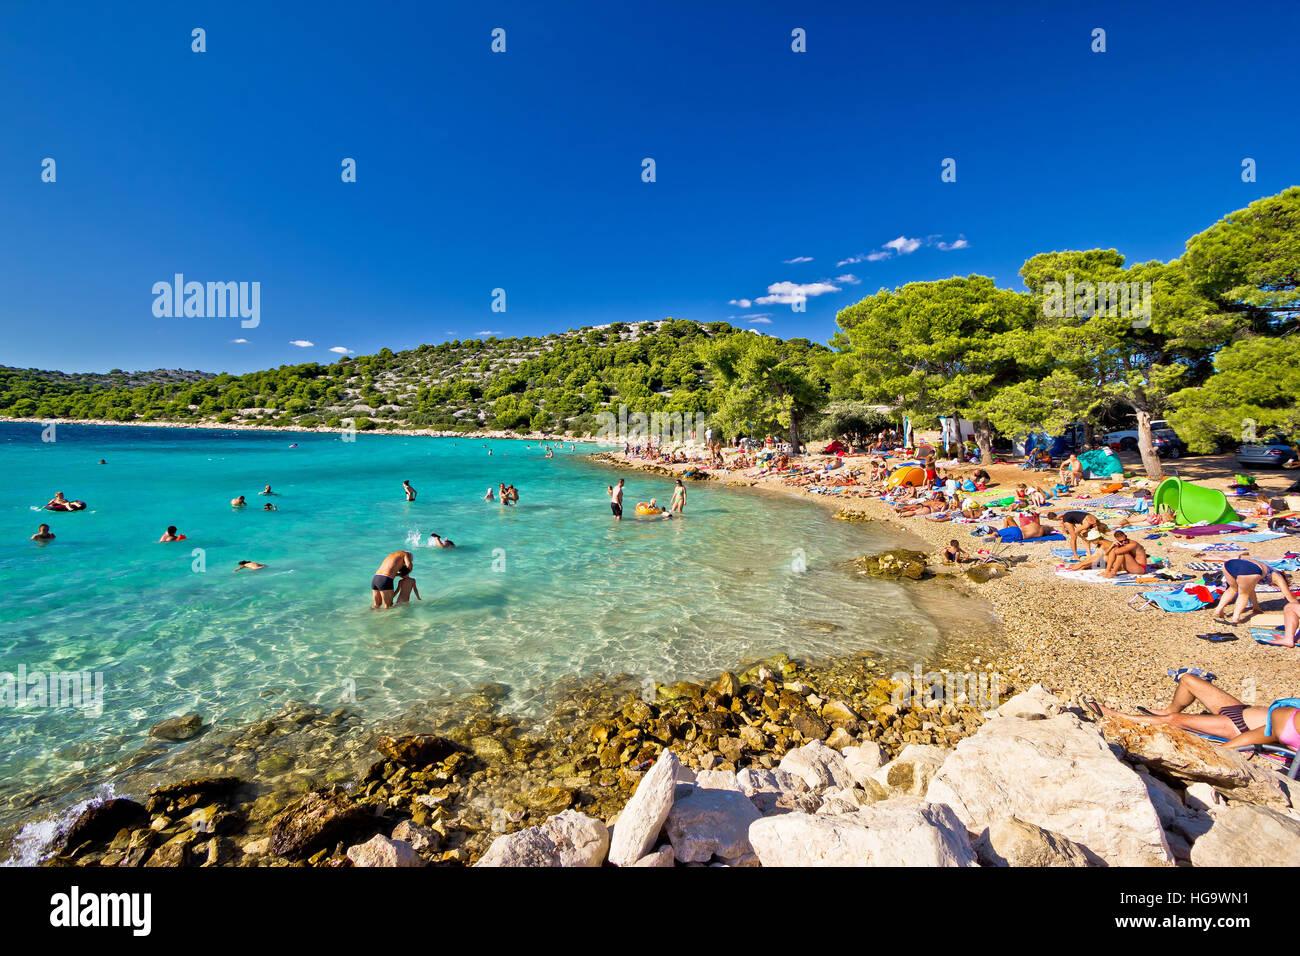 MURTER, Kroatien - 17. AUGUST: Unbekannte Menschen genießen Sommer Holldays am kristallklaren türkisblauen Stockbild